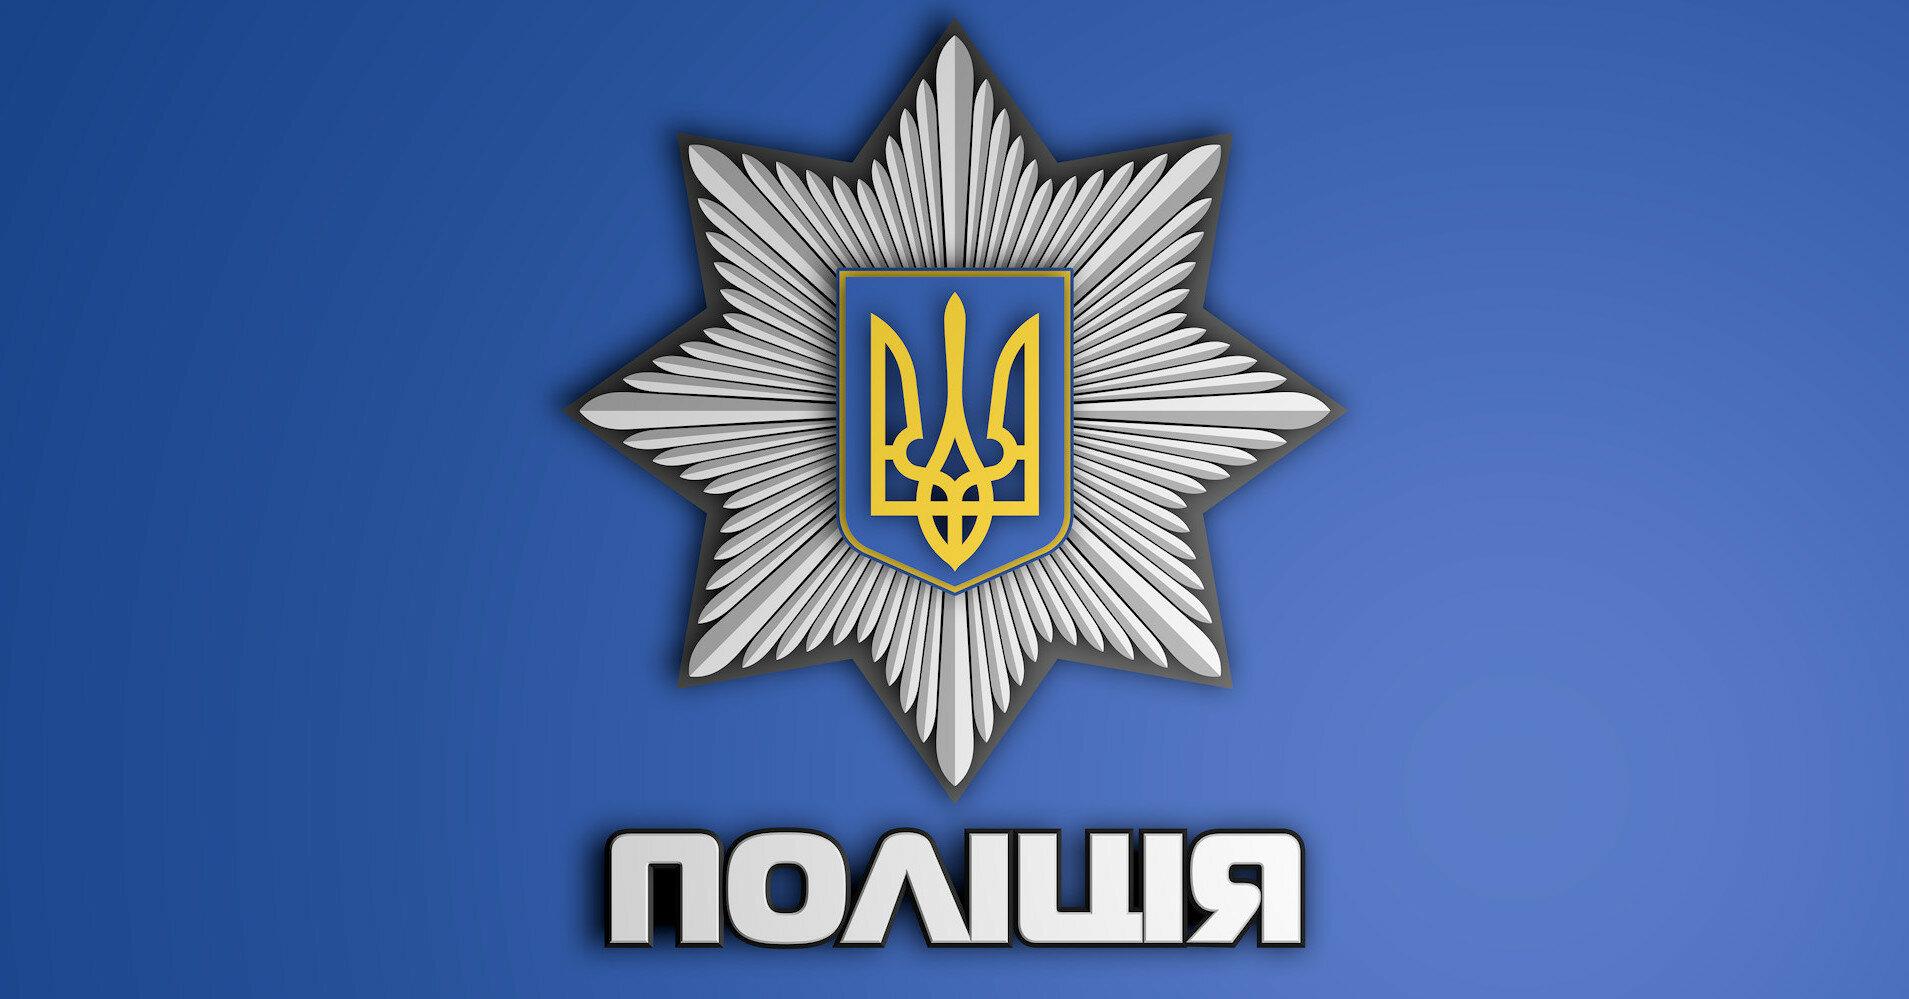 Массовое отравление в Харькове: начато уголовное производство